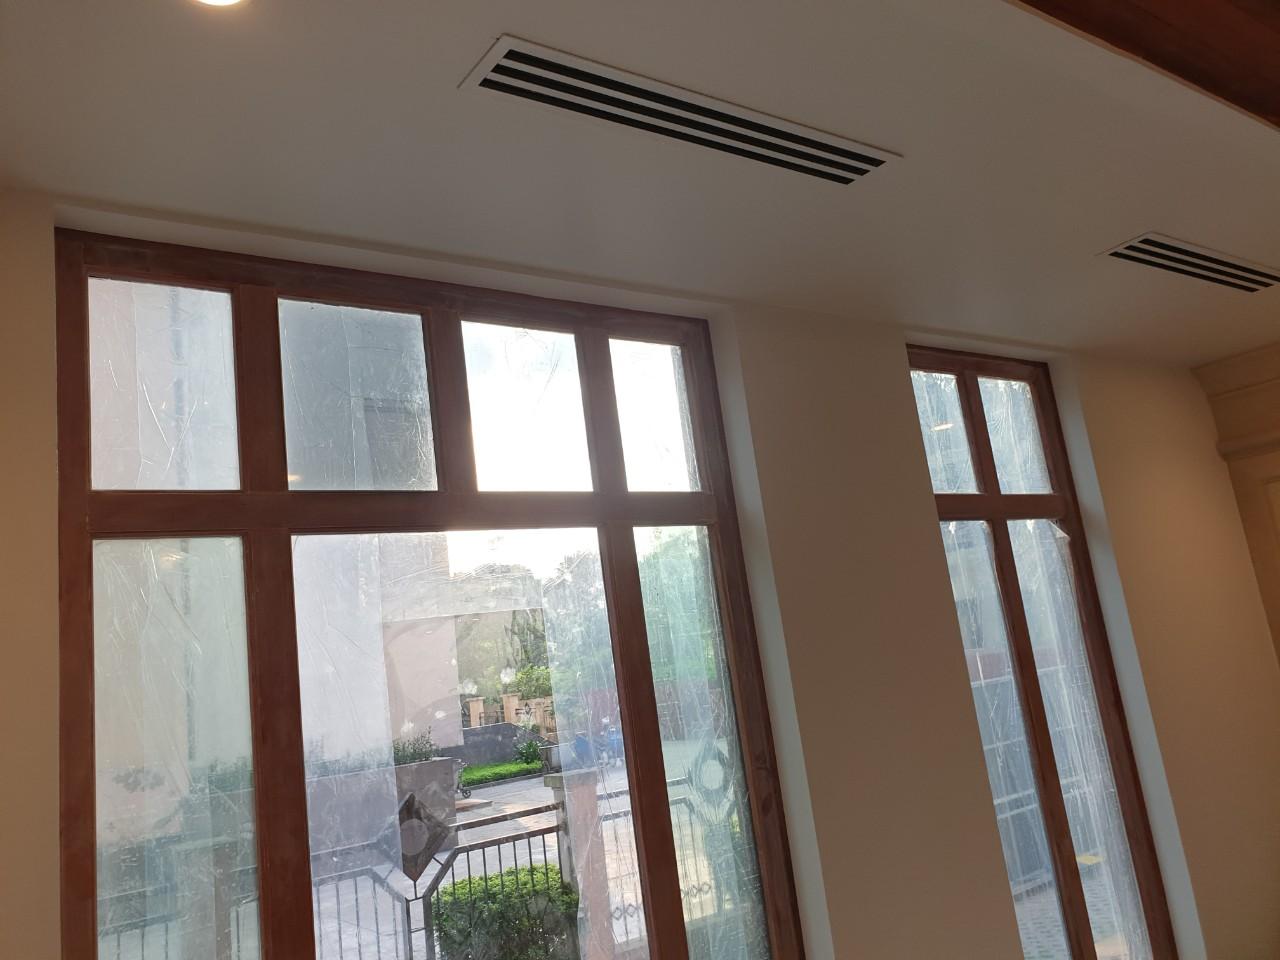 Hệ thống điều hòa âm trần khe gió được thi công theo phương án thống nhất sửachữa văn phòng Hà Nội